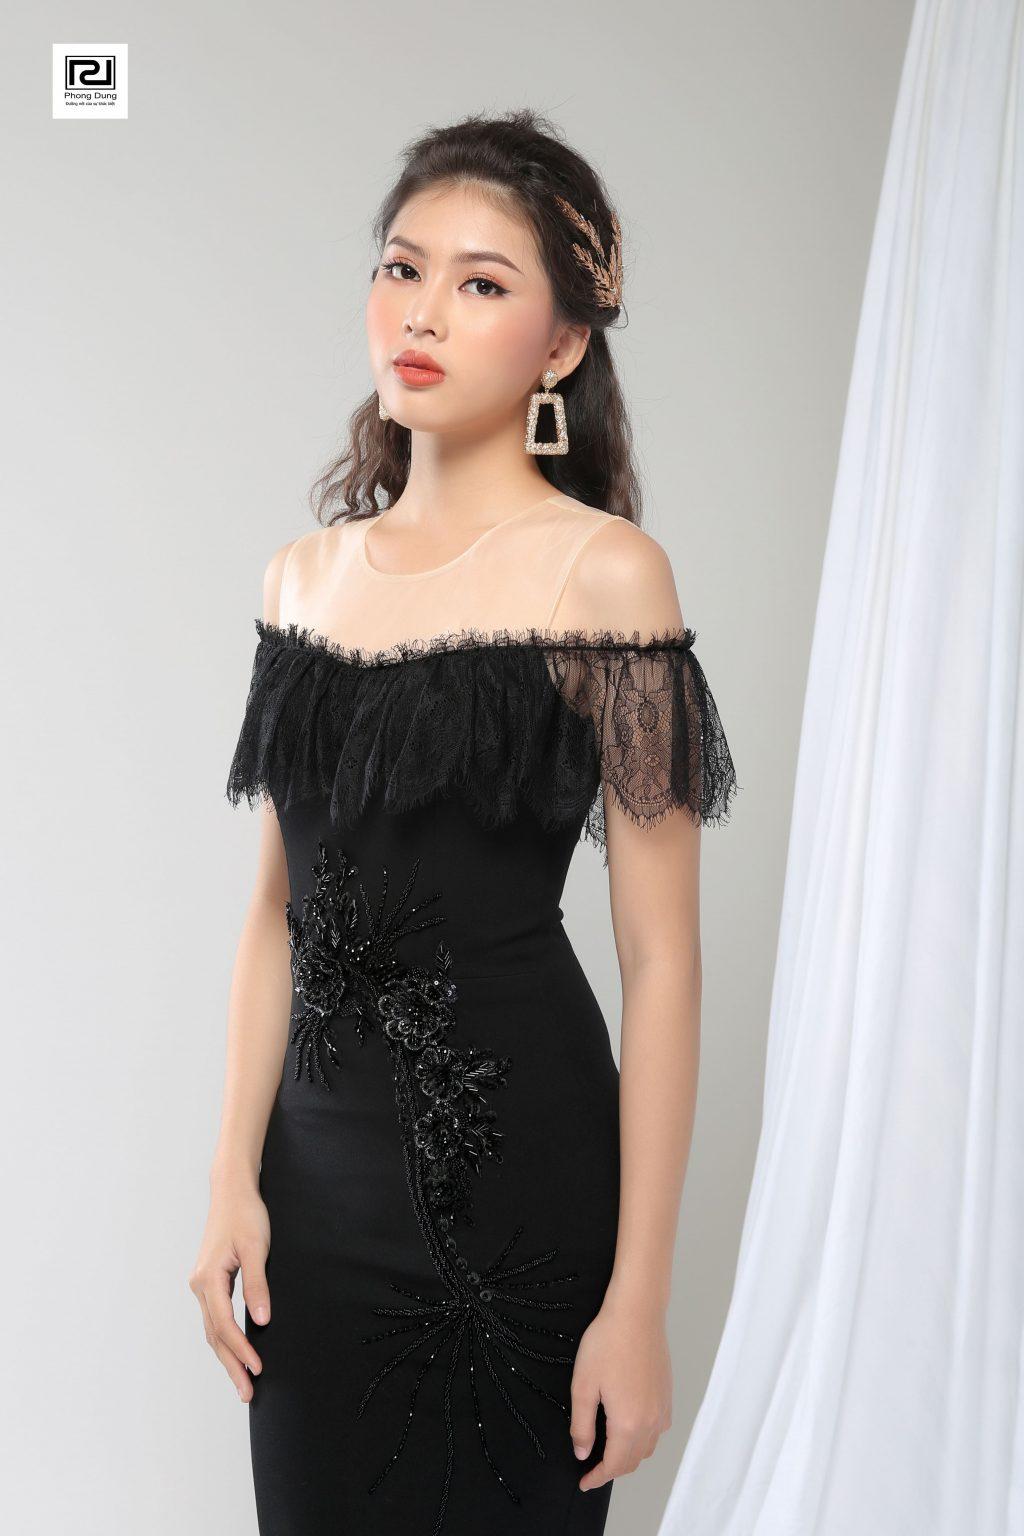 Người mẫu mặc váy hở vai ren đen mang hoa tai hình chữ nhật